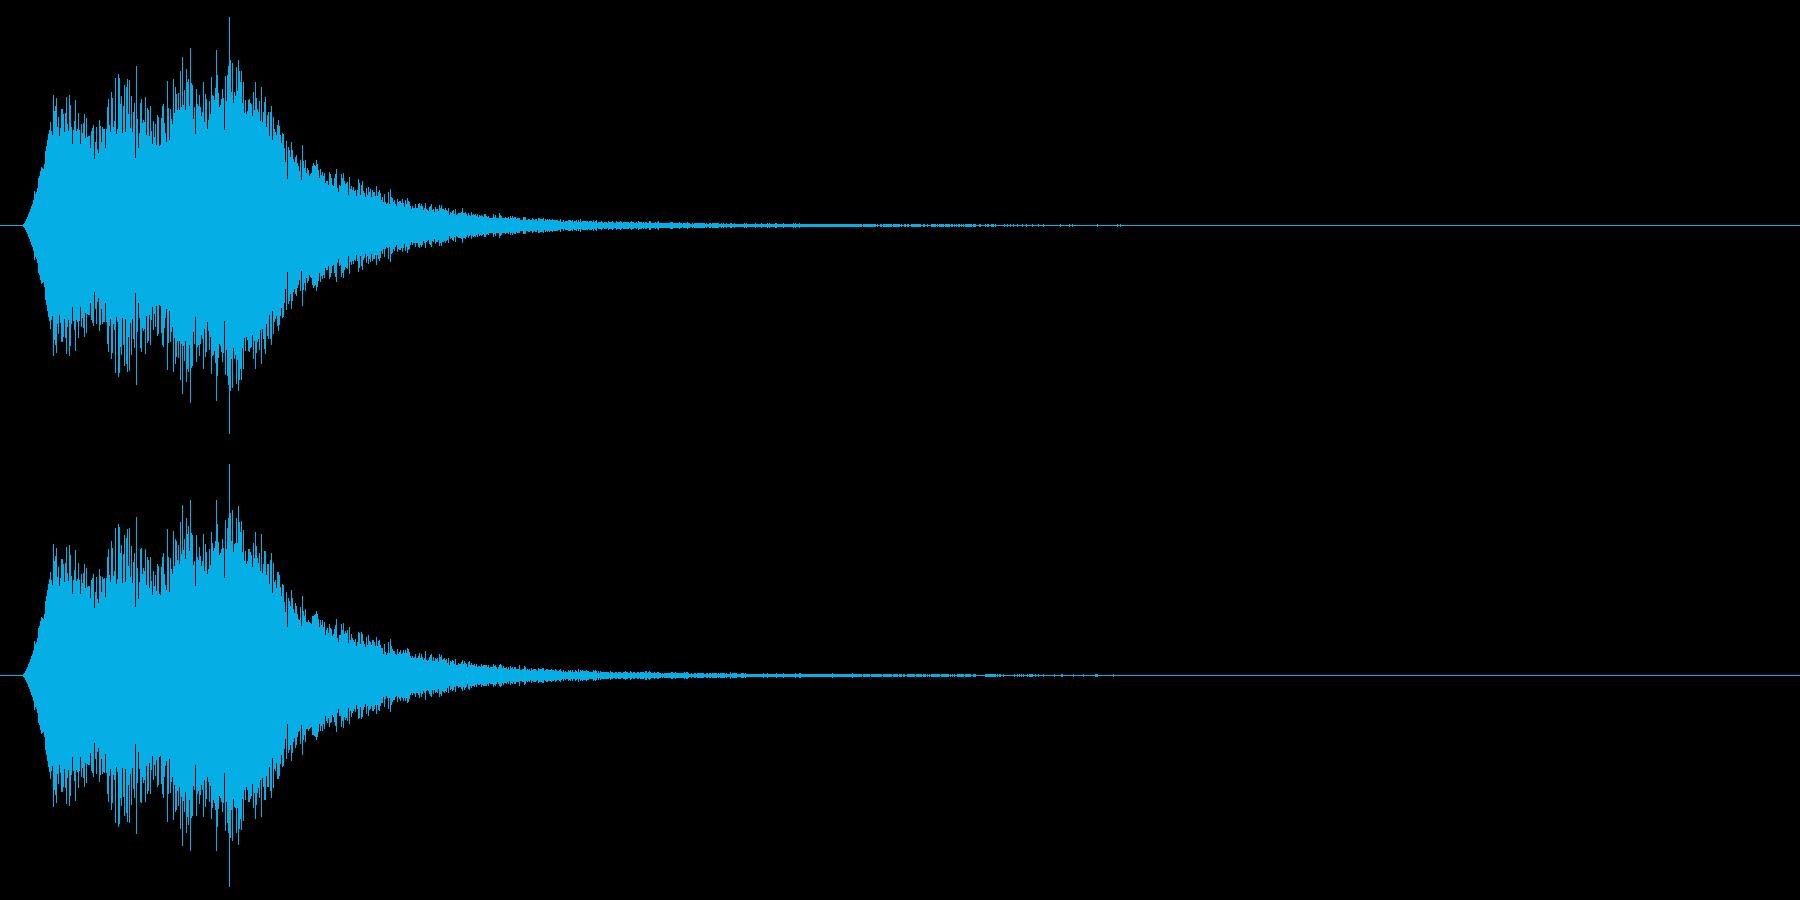 場面転換/ワープ/転送装置の再生済みの波形